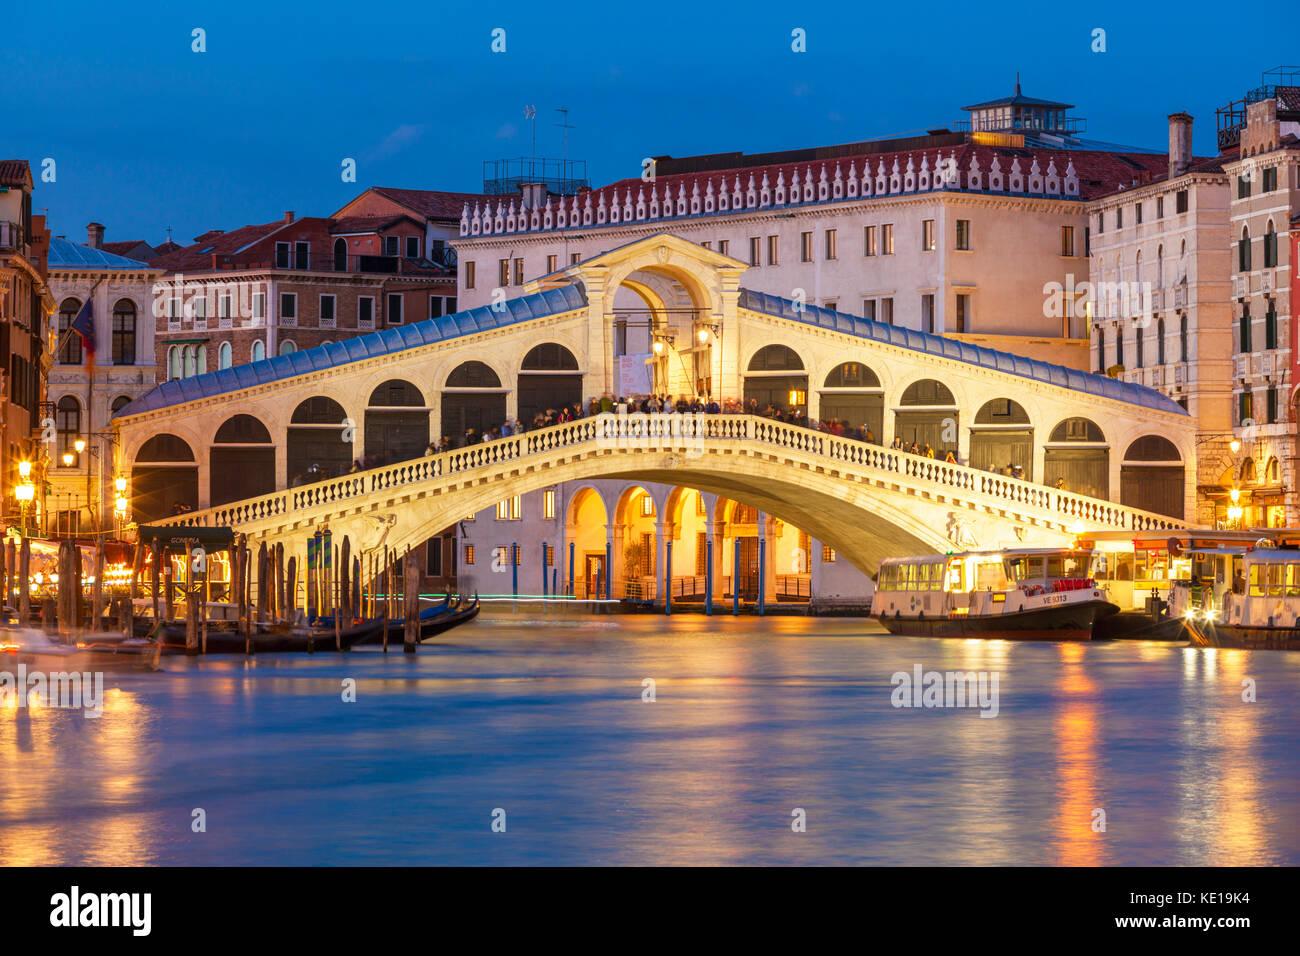 Italia Venezia Italia Italia in gondola sul Canal Grande a Venezia Venezia Ponte di Rialto di notte illuminata di Immagini Stock